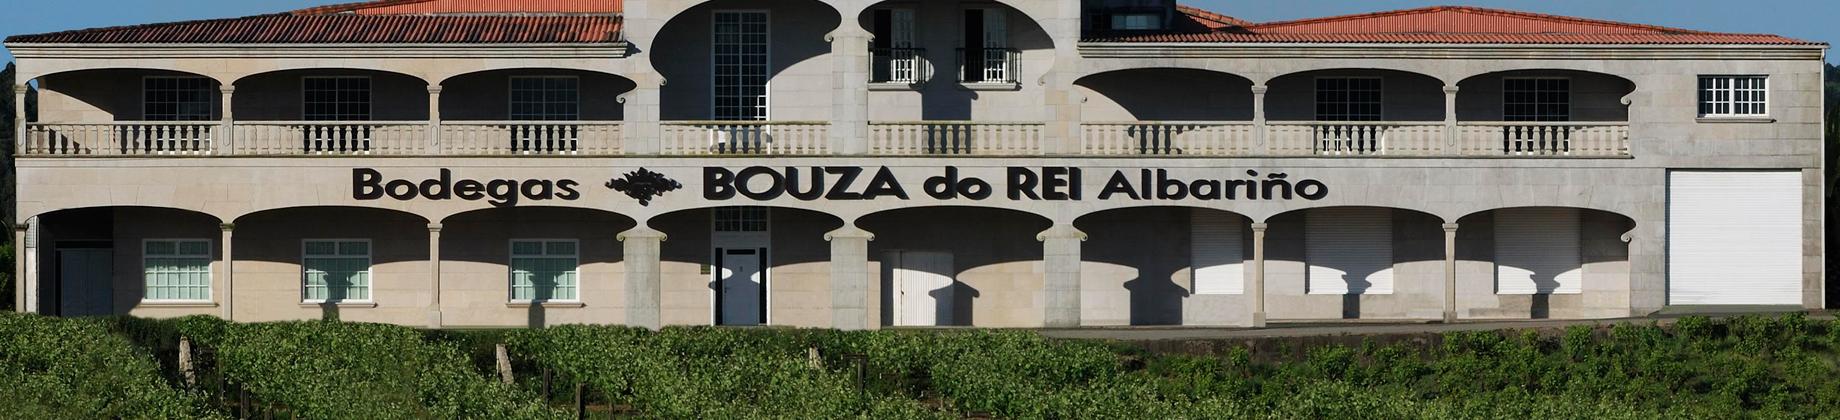 Bodegas Bouza Do Reí